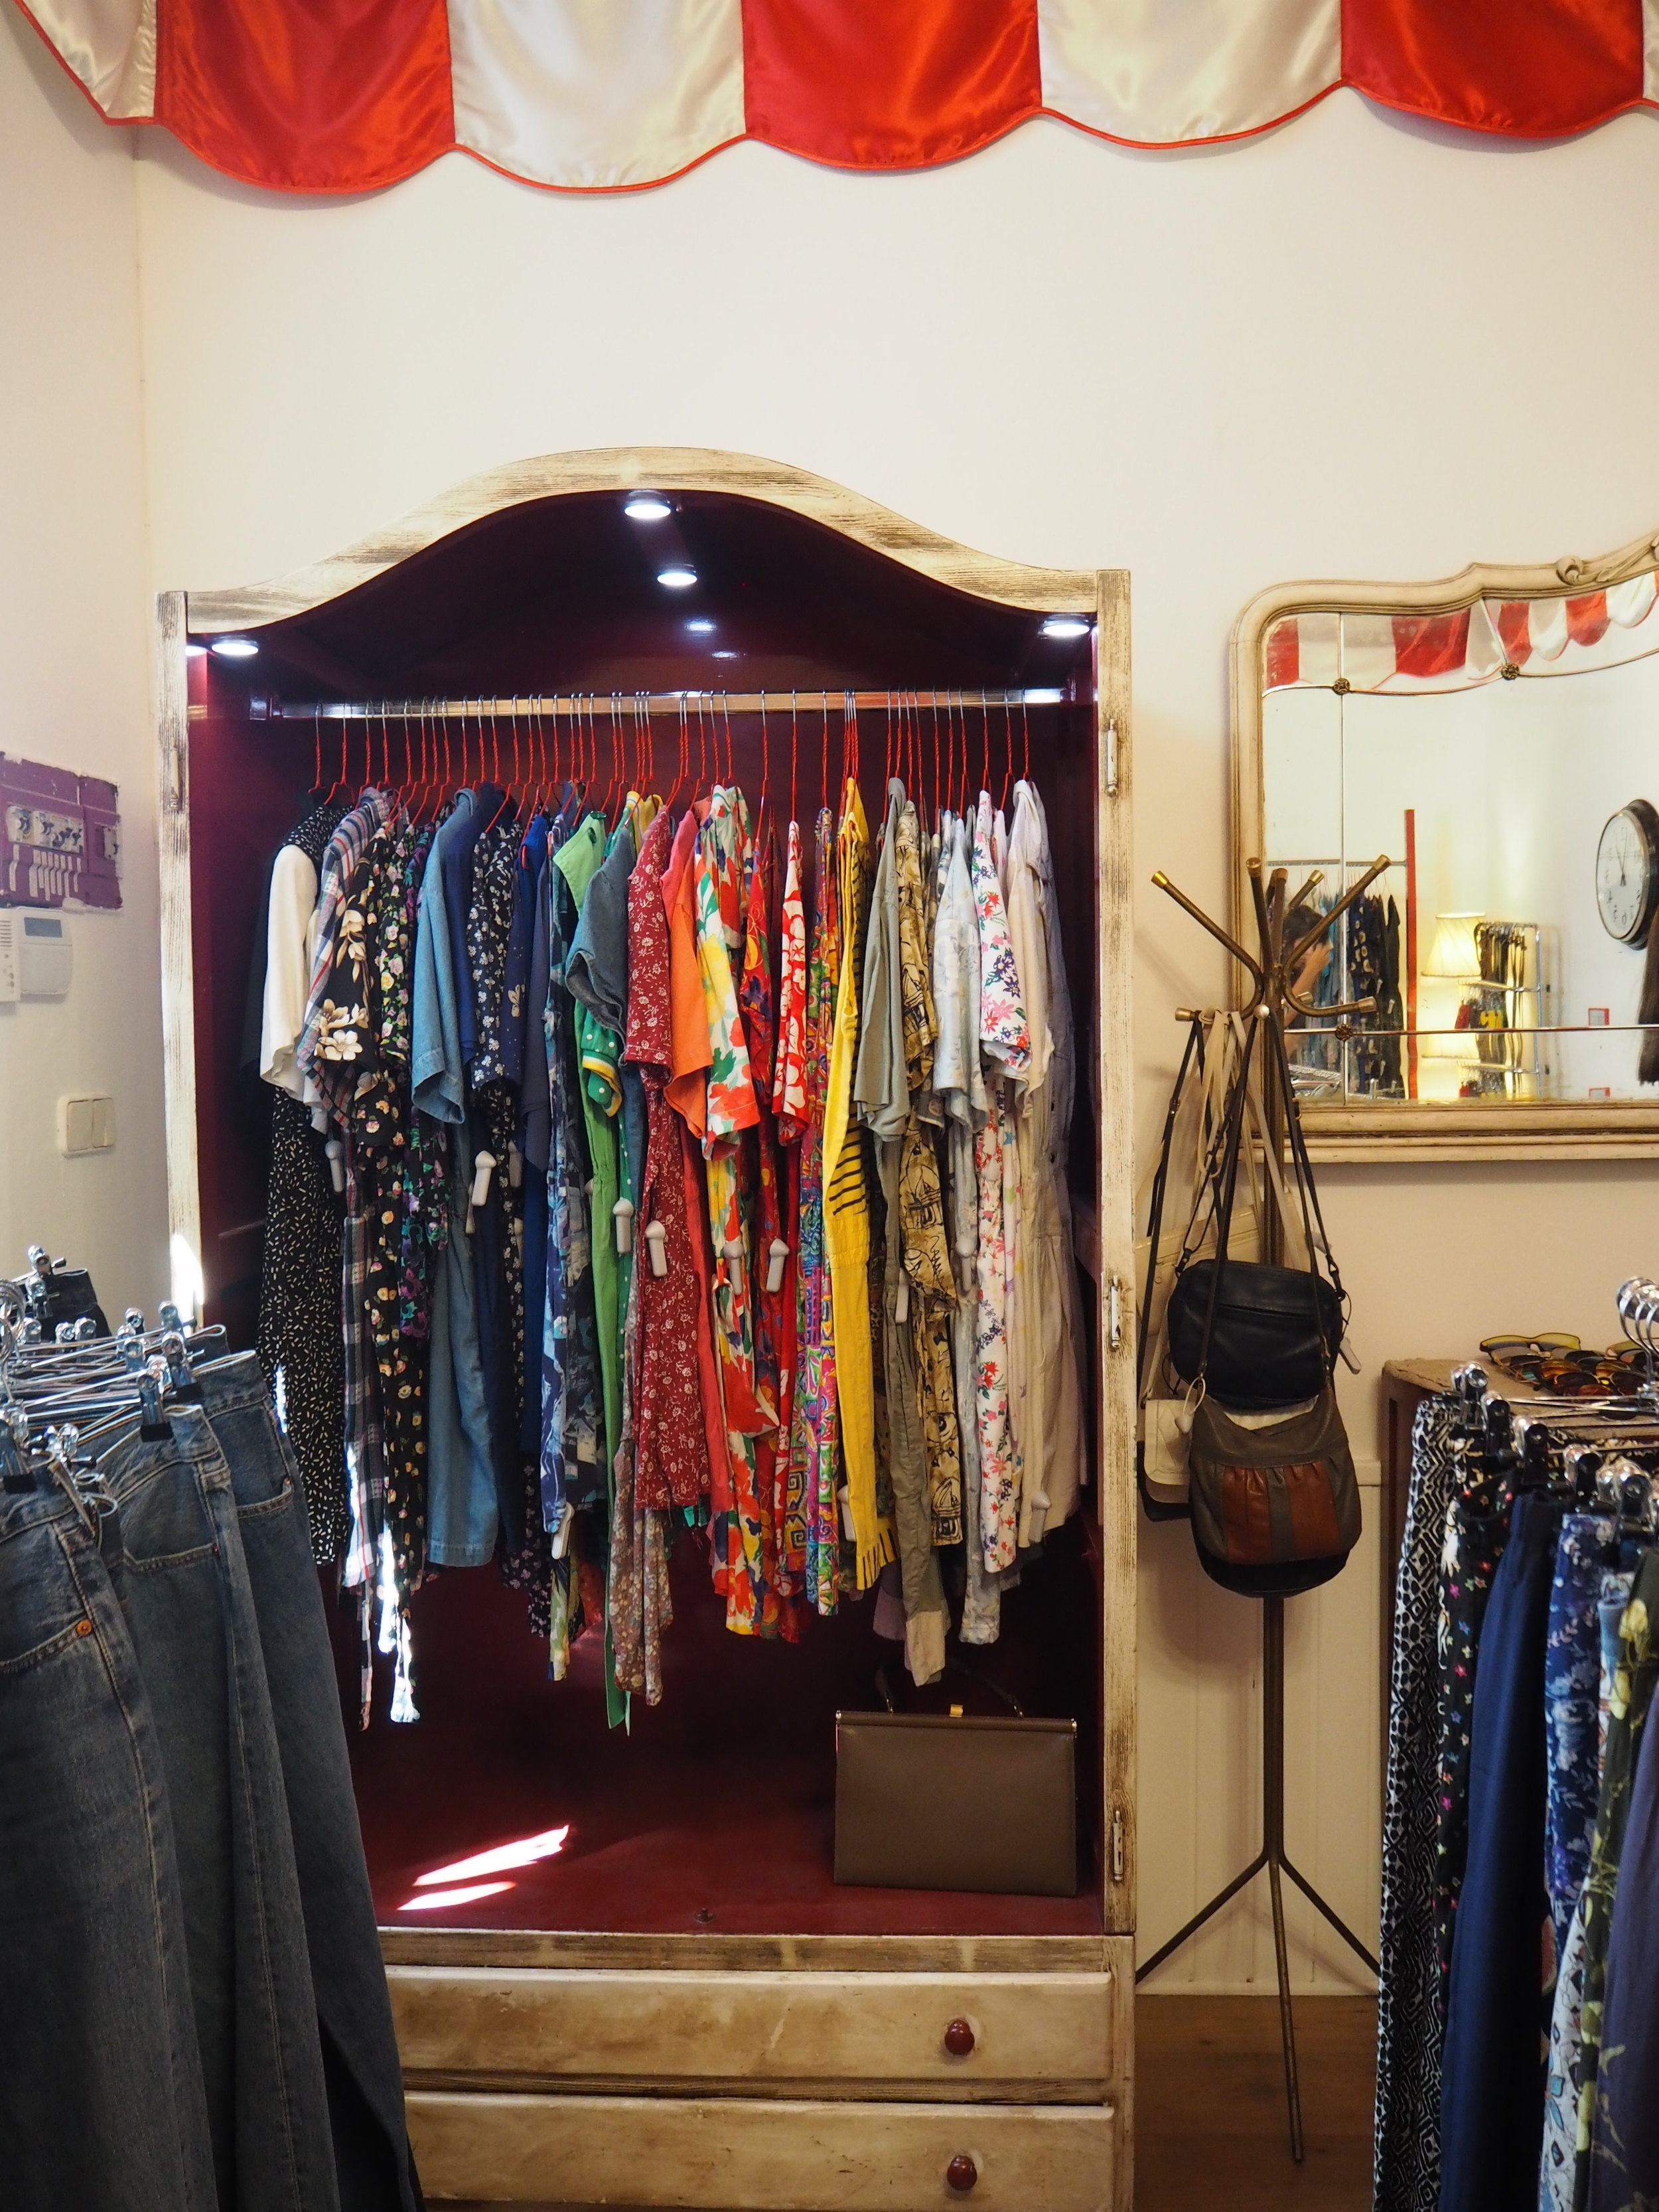 tiendas-ropa-madrid-originales-mona-checa-vestidos.JPG